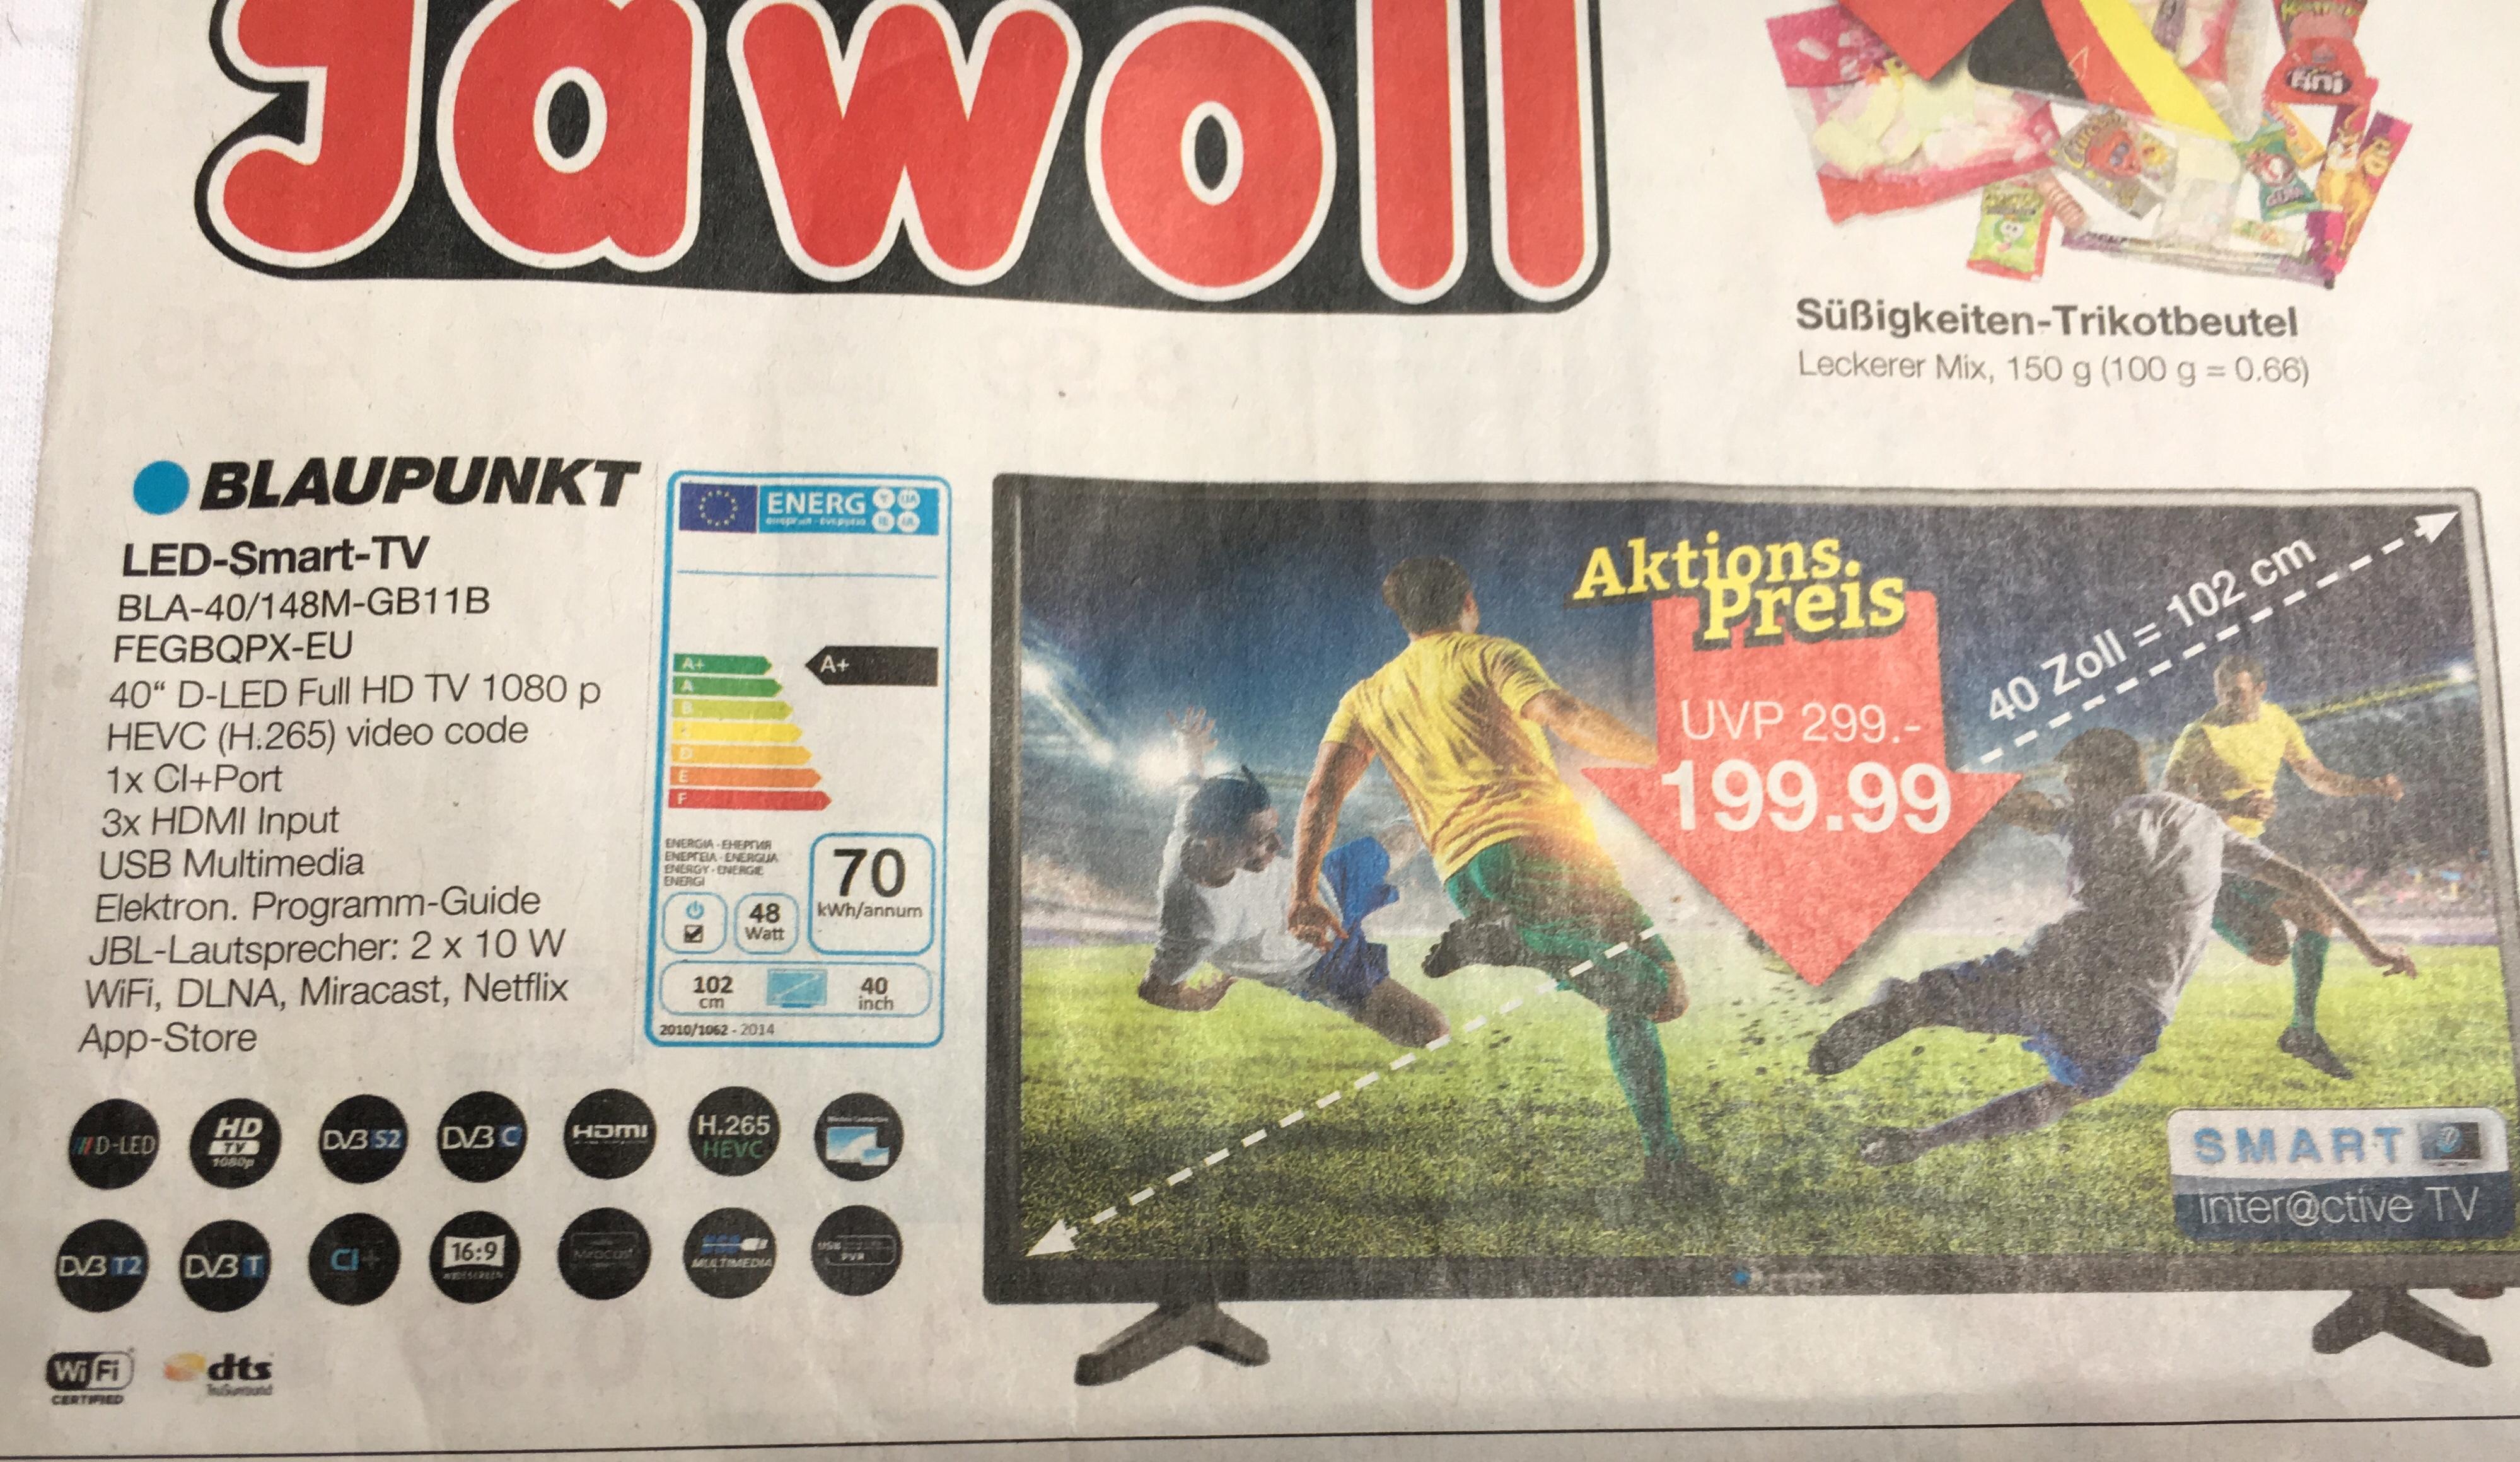 Blaupunkt Smart TV (BLA-40/148M)